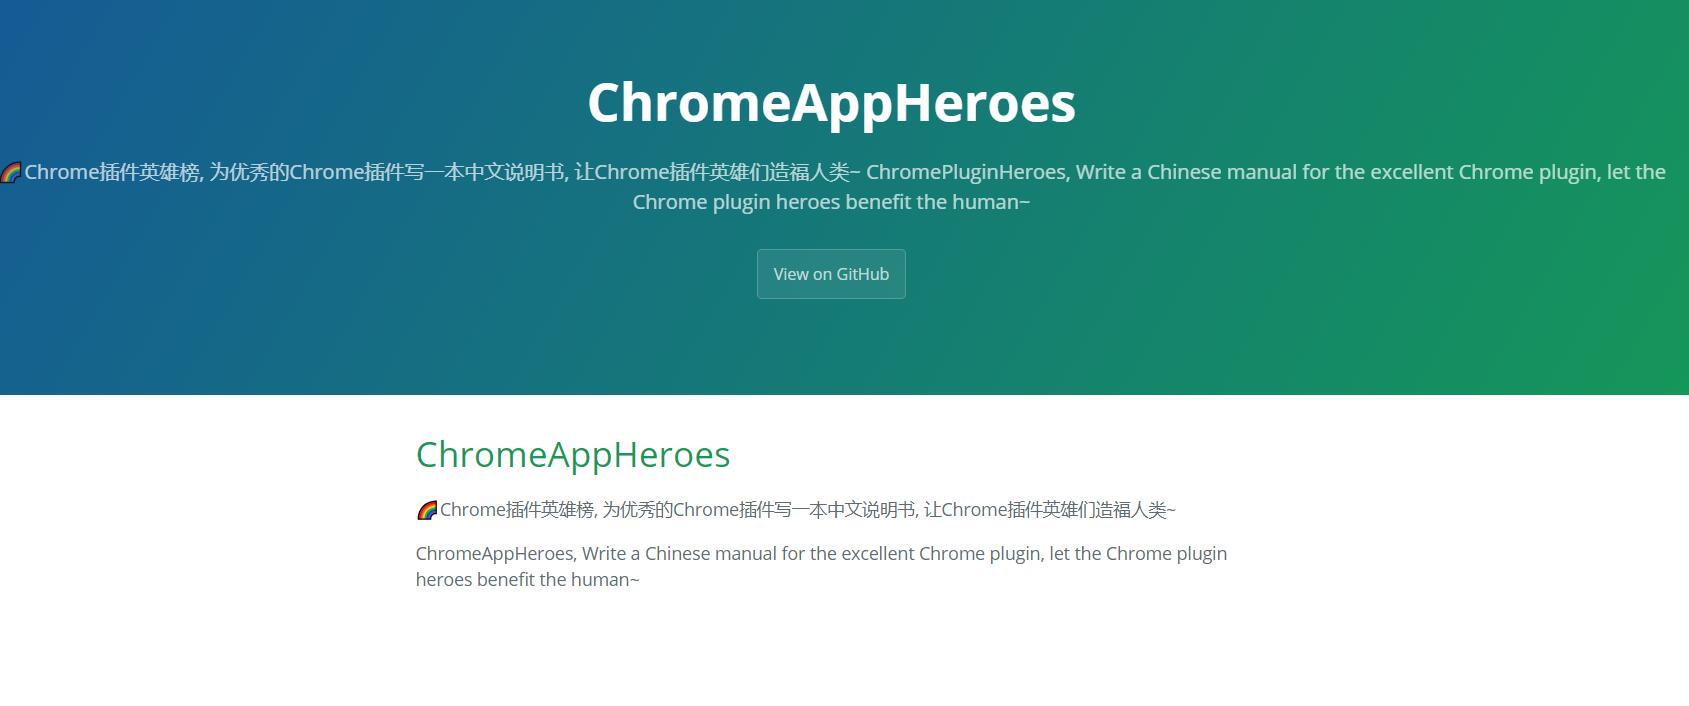 「Chrome拓展英雄榜」优秀拓展、插件推荐页